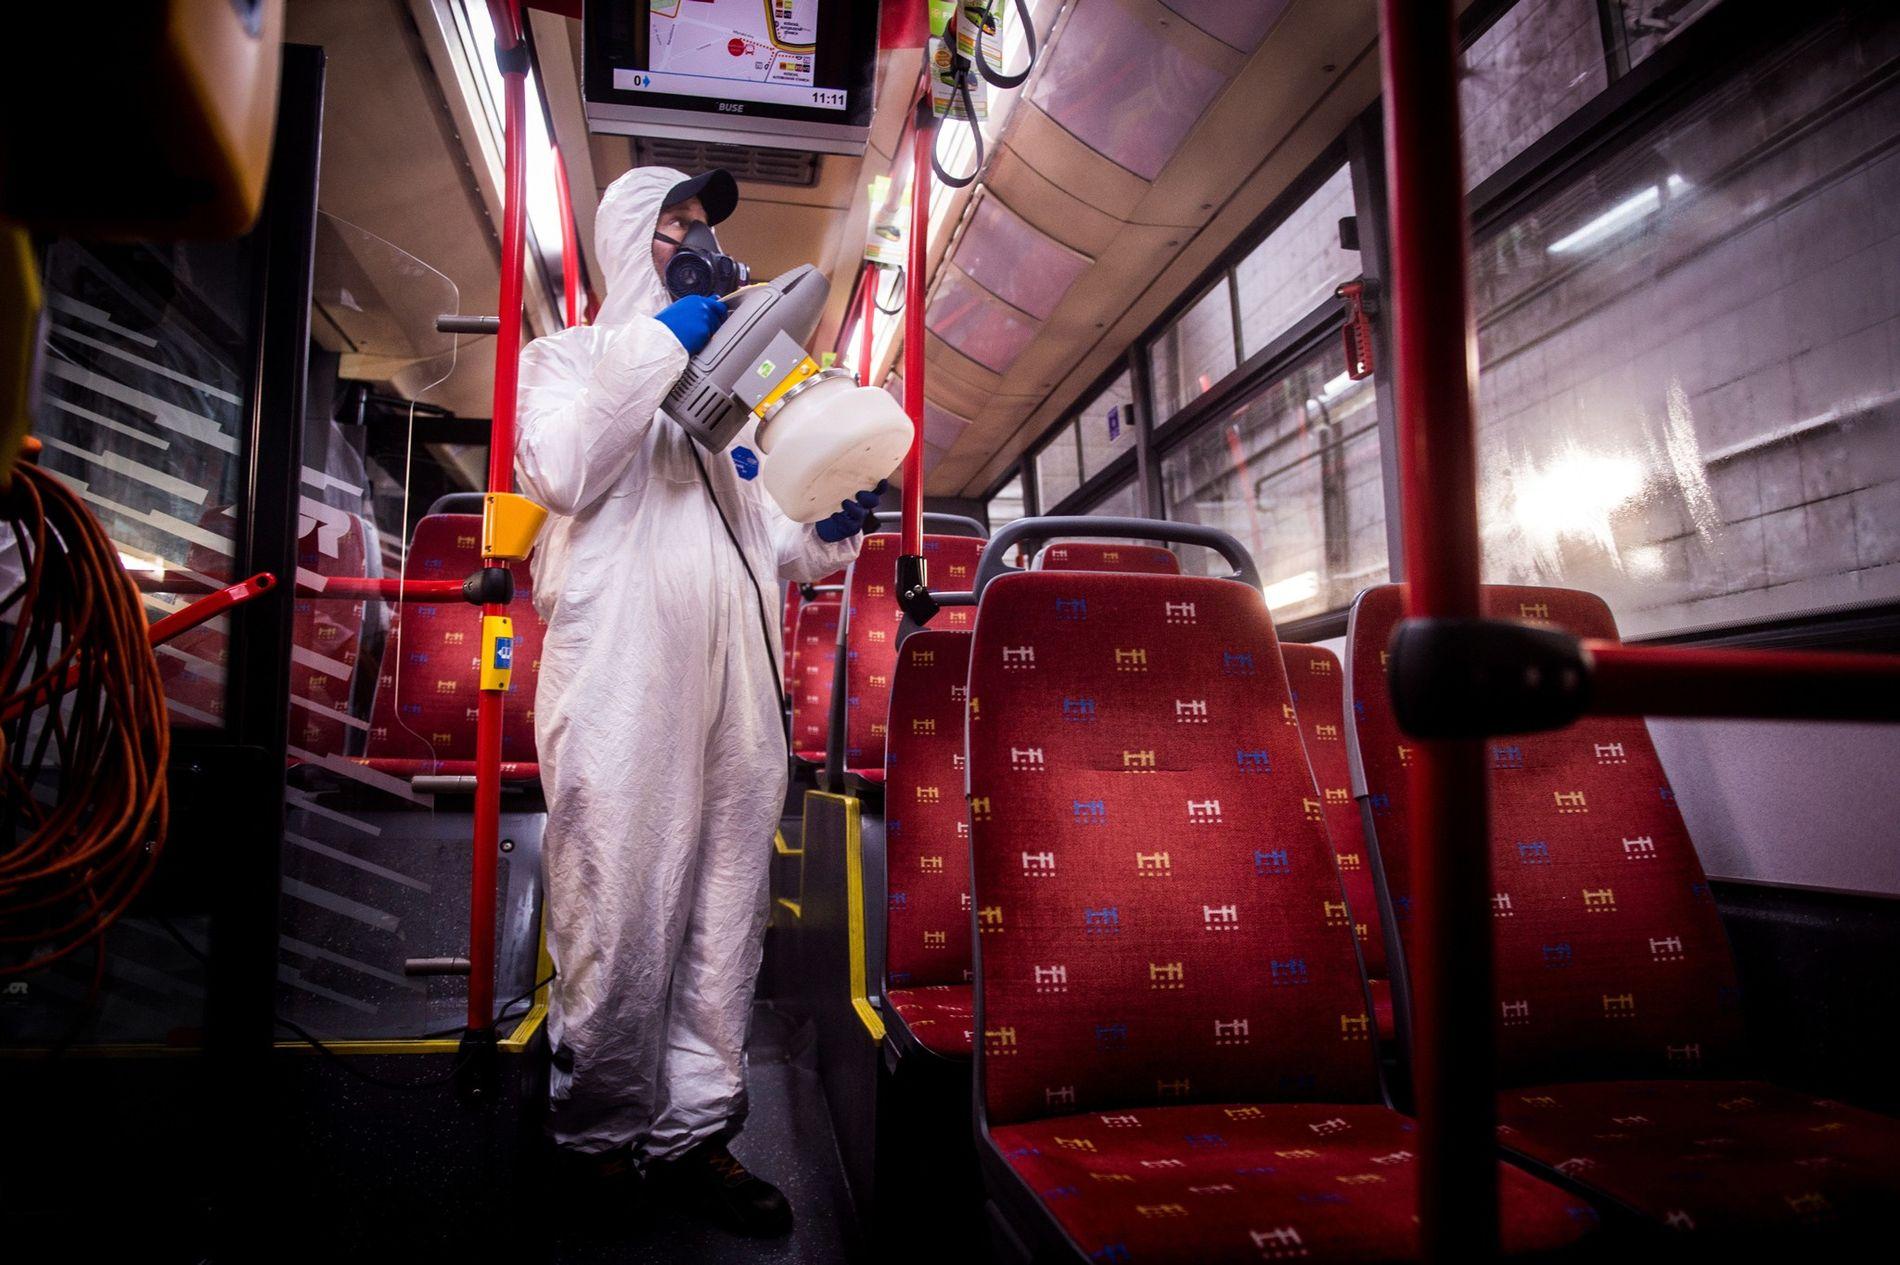 Cubierto con un traje protector, un trabajador desinfecta el interior de un autobús público en una ...